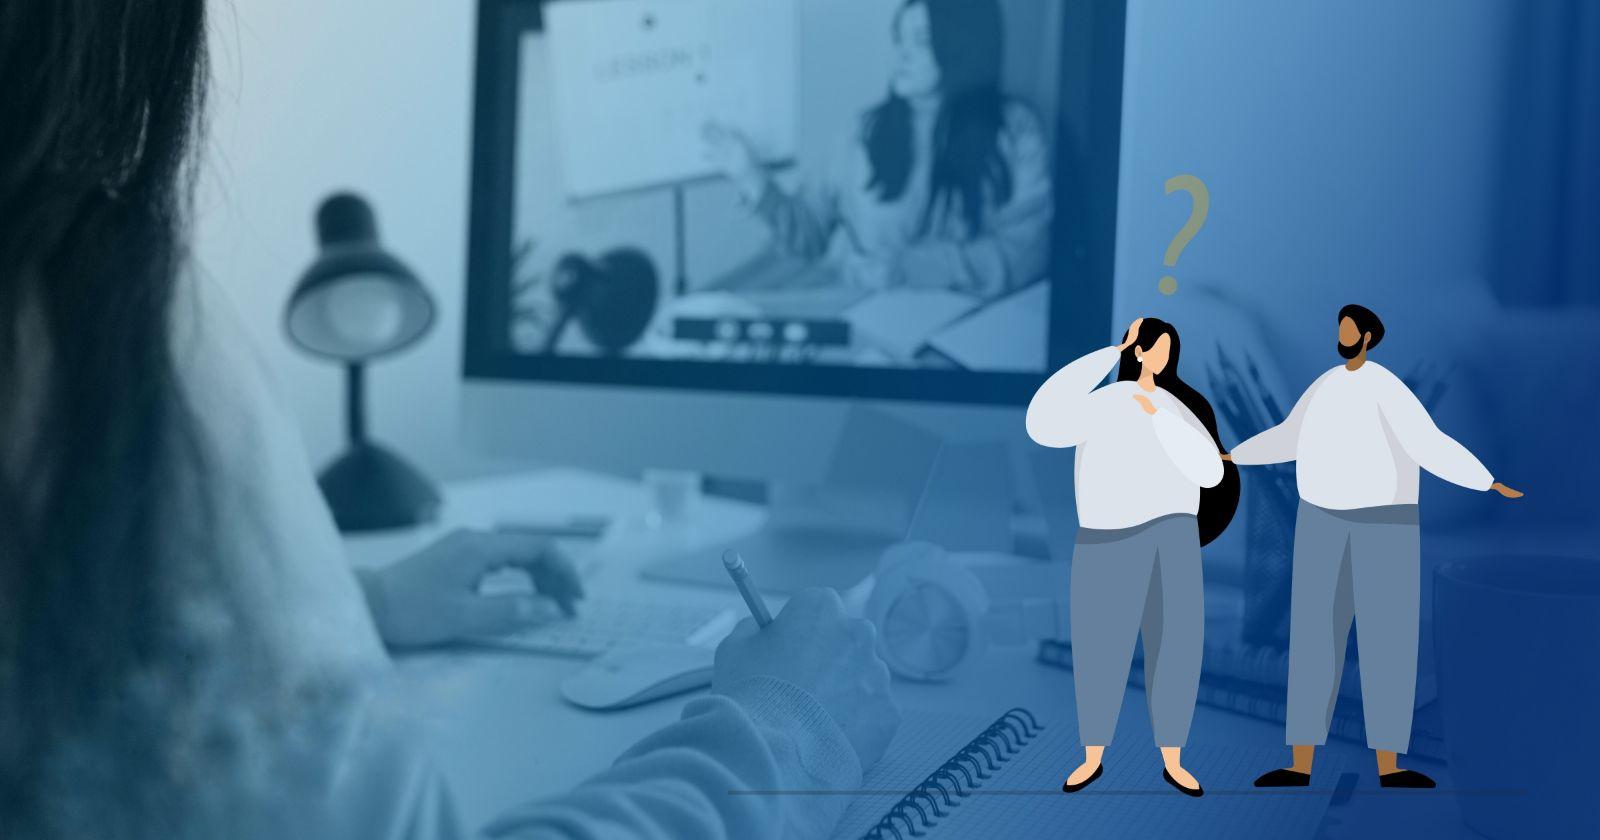 En lärande och kompetensdriven organisation – finns den?